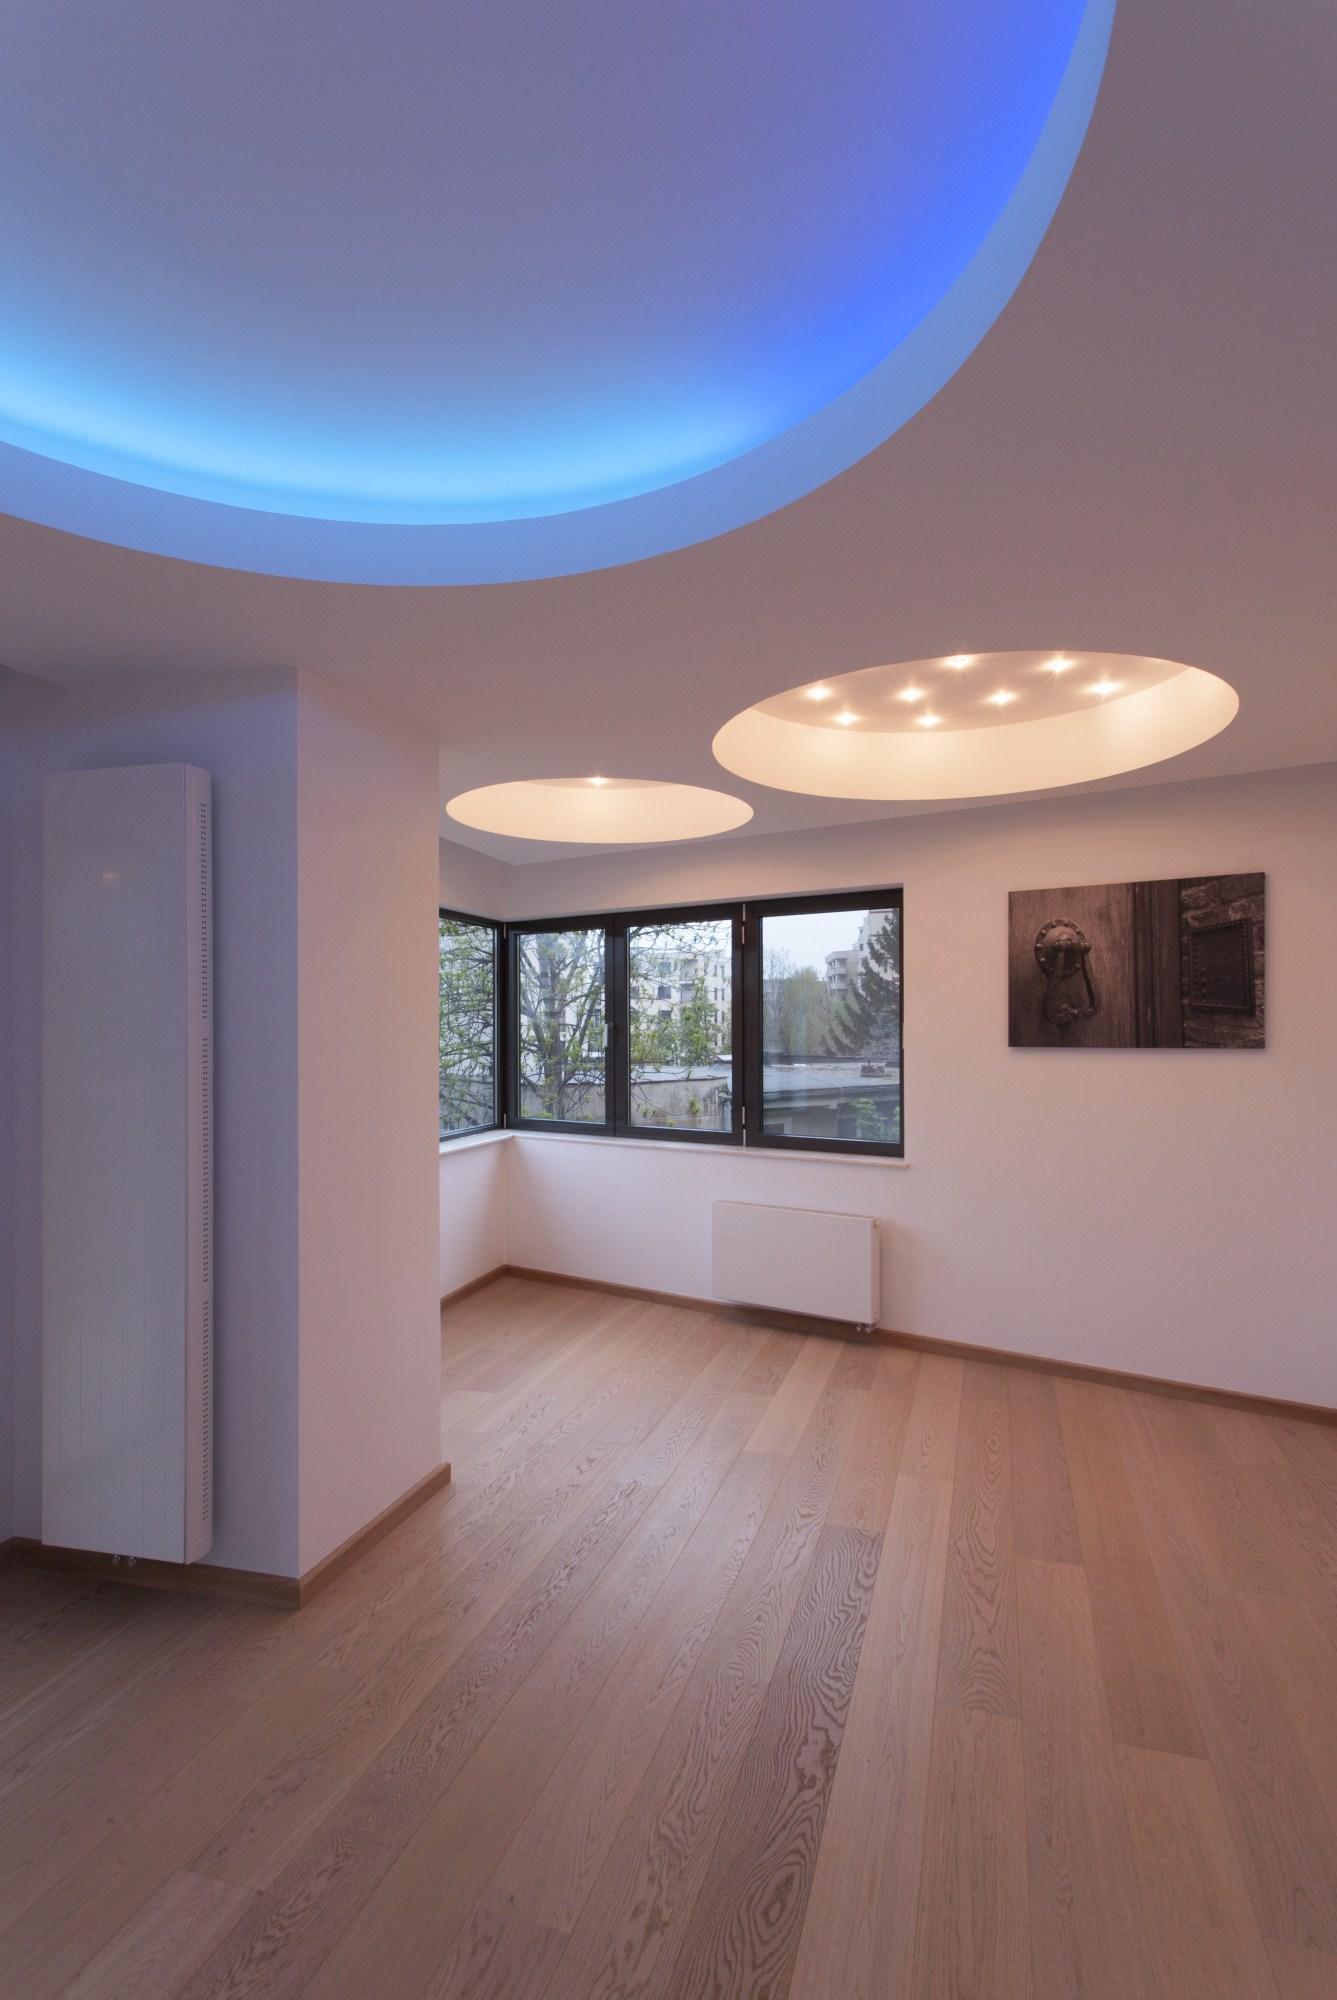 https://nbc-arhitect.ro/wp-content/uploads/2020/10/NBC-Arhitect-_-Petofi-Sandor-_-Housing-_-interior-design_27.jpg